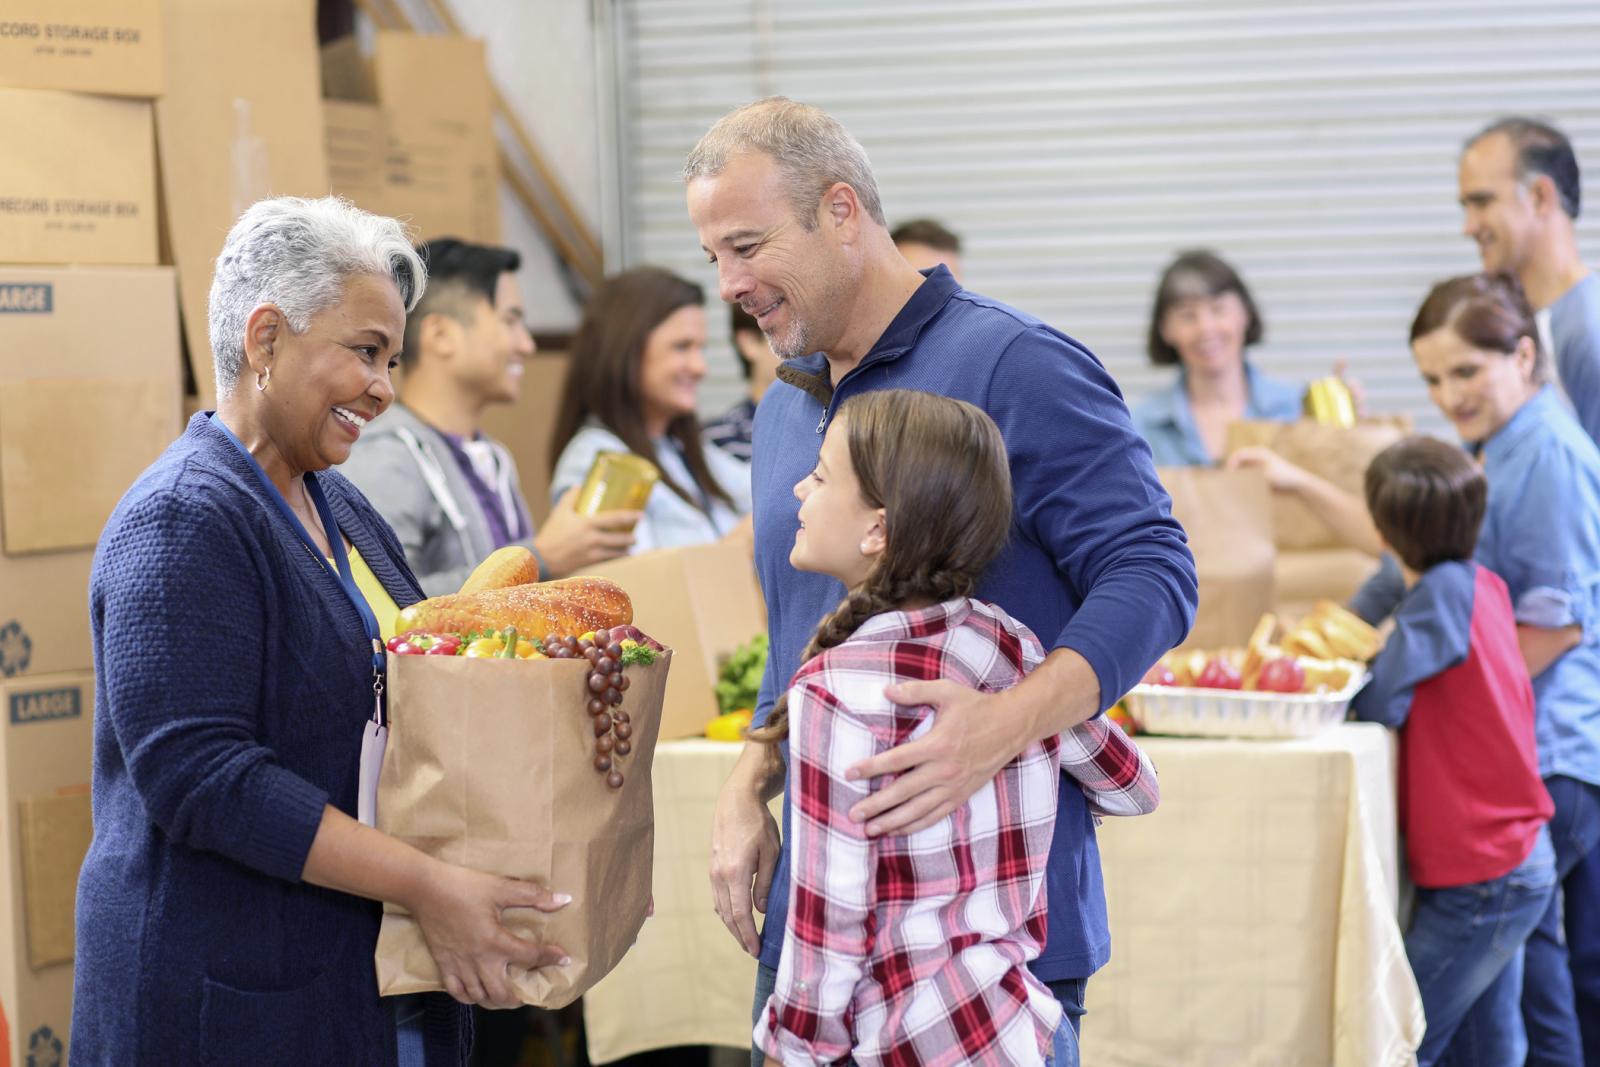 Group of volunteers work at food bank